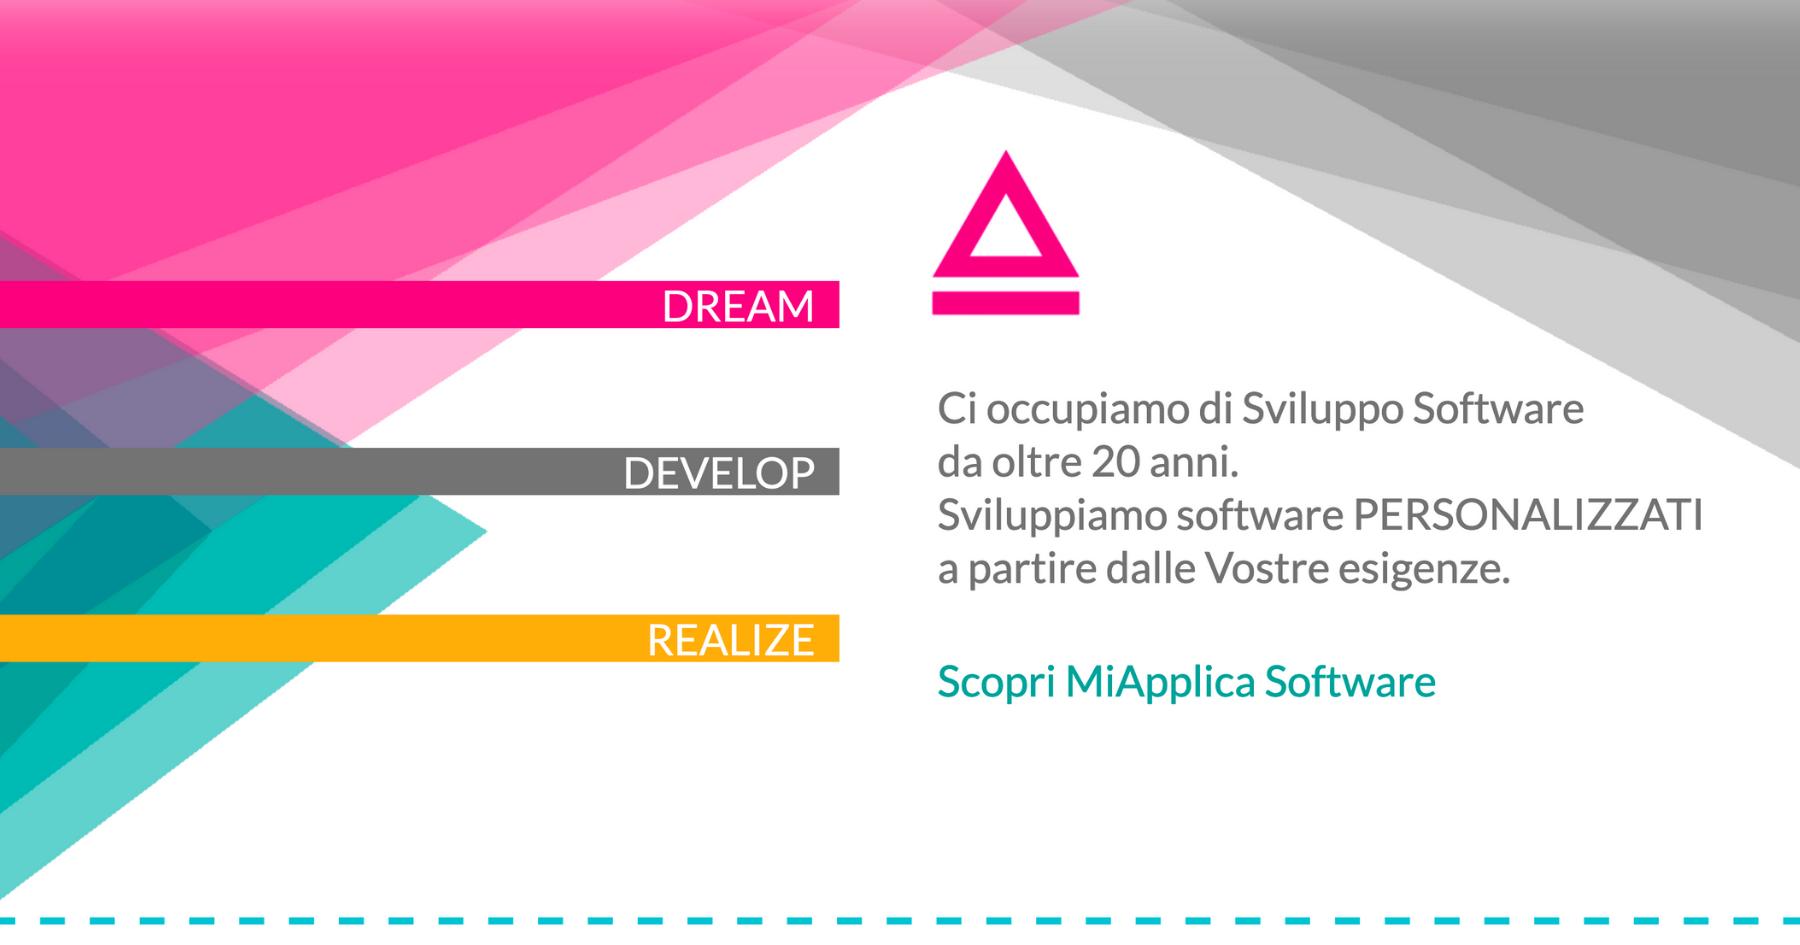 schermata di sito web realizzata utilizzando colori forti